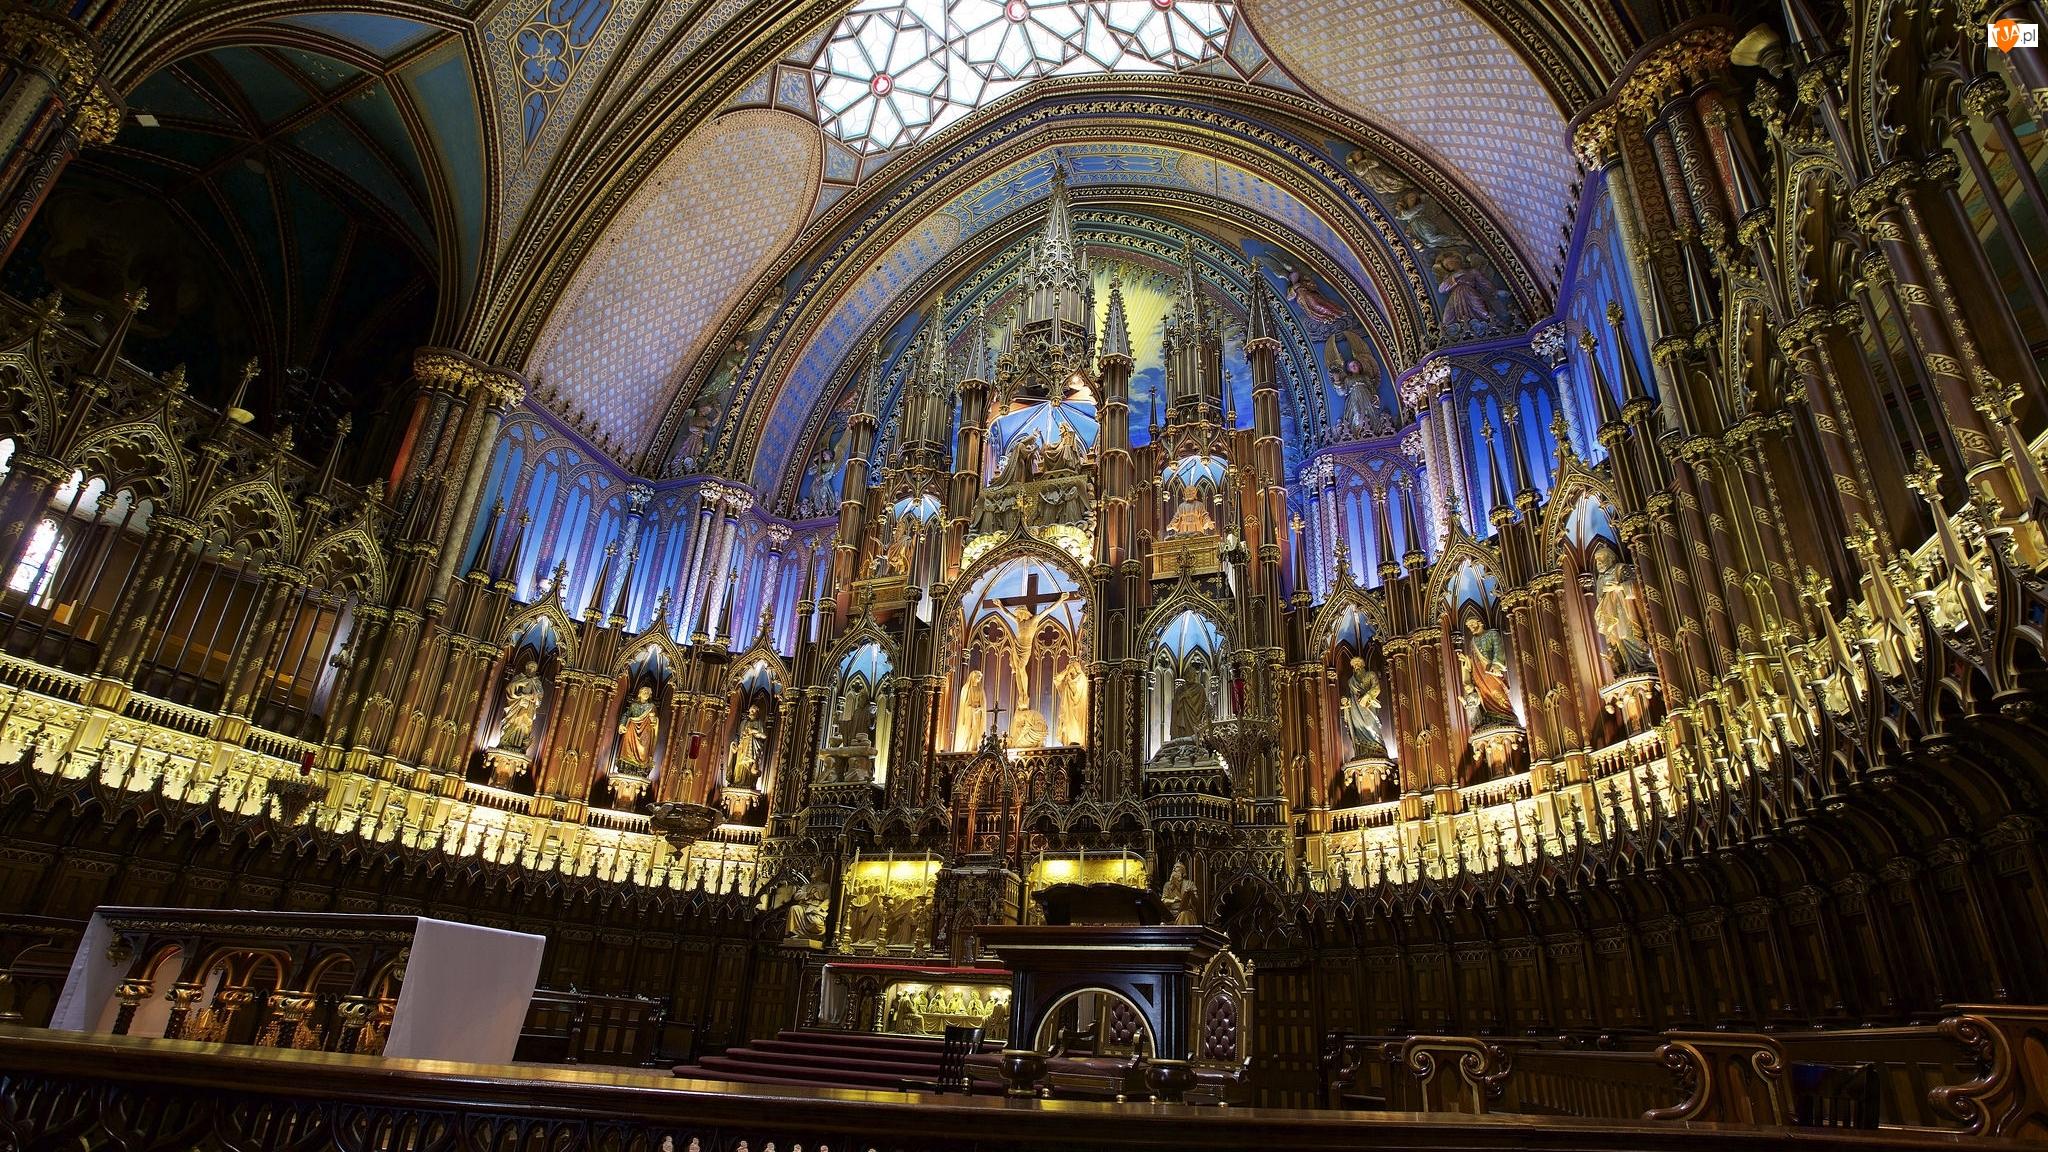 Ołtarz, Kanada, Bazylika Notre-Dame, Montreal, Kościół